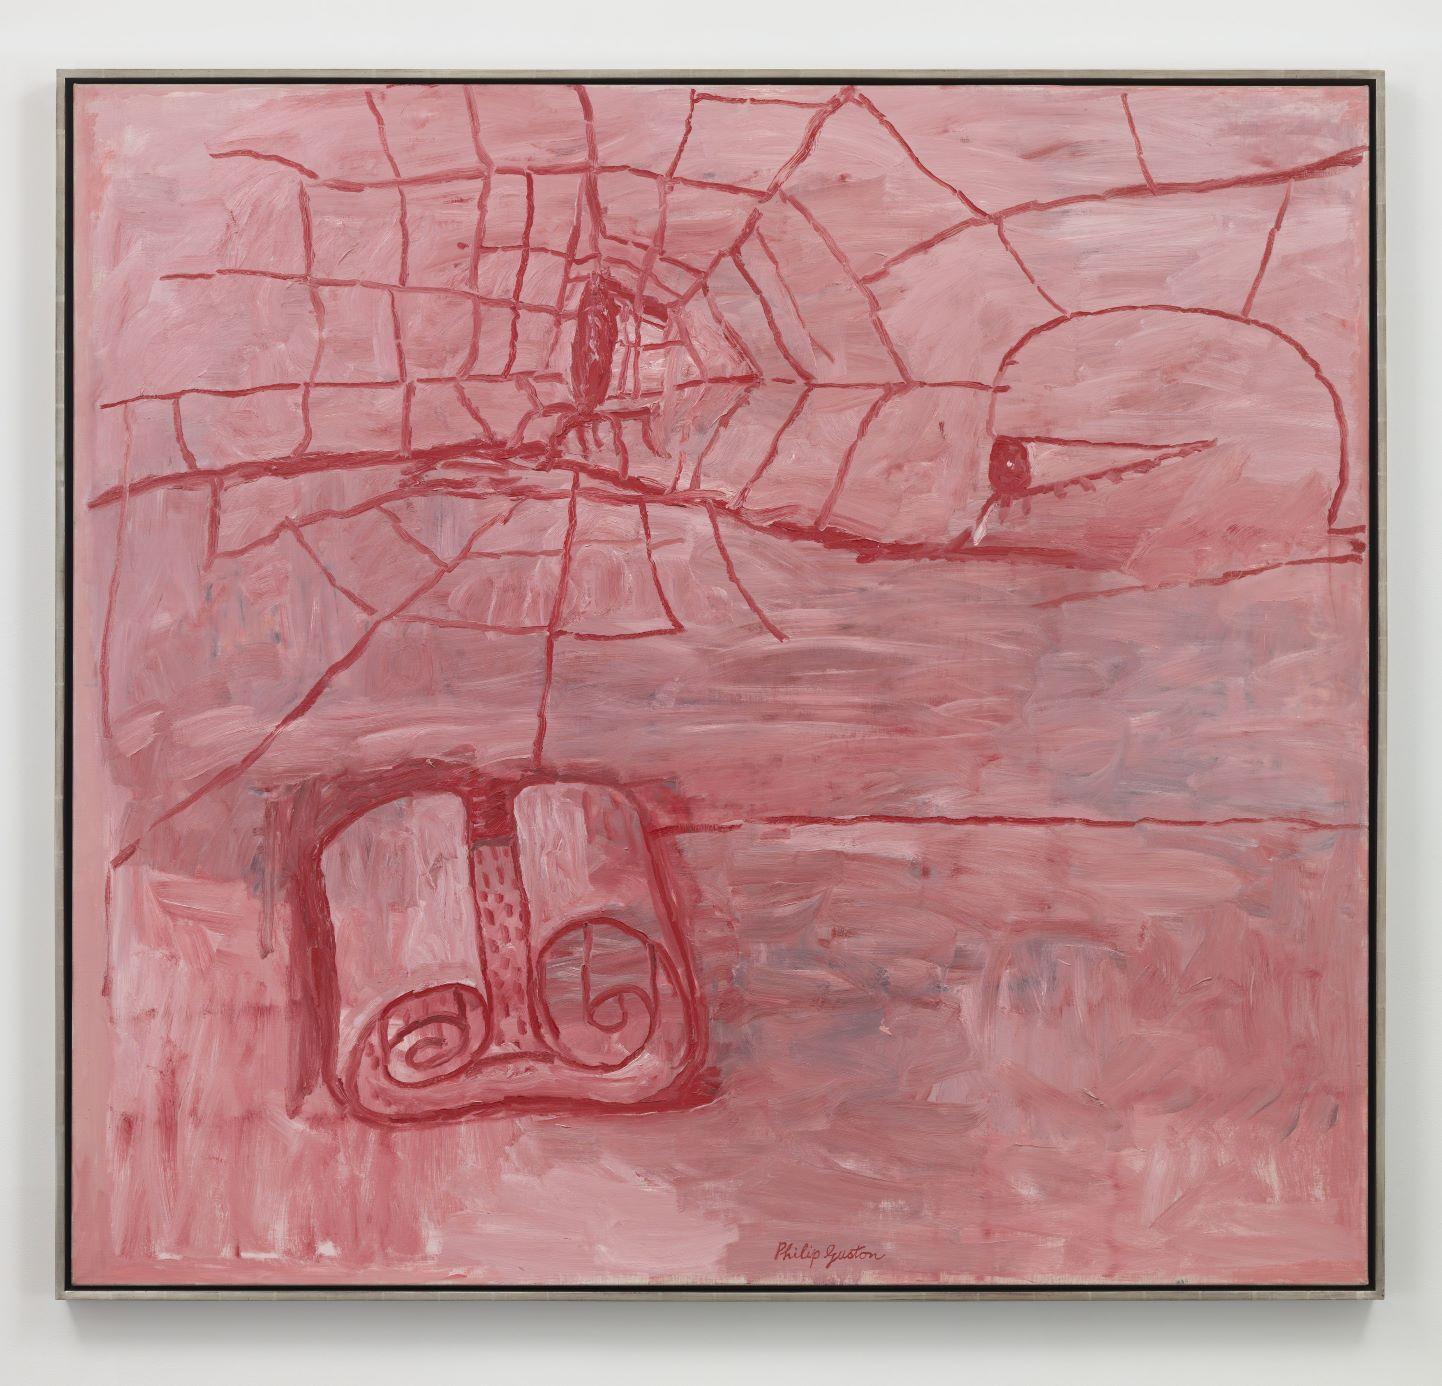 """""""Dipingere è più un impadronirsi che un rappresentare"""": Philip Guston totale da Hauser & Wirth St. Moritz. Intervista"""